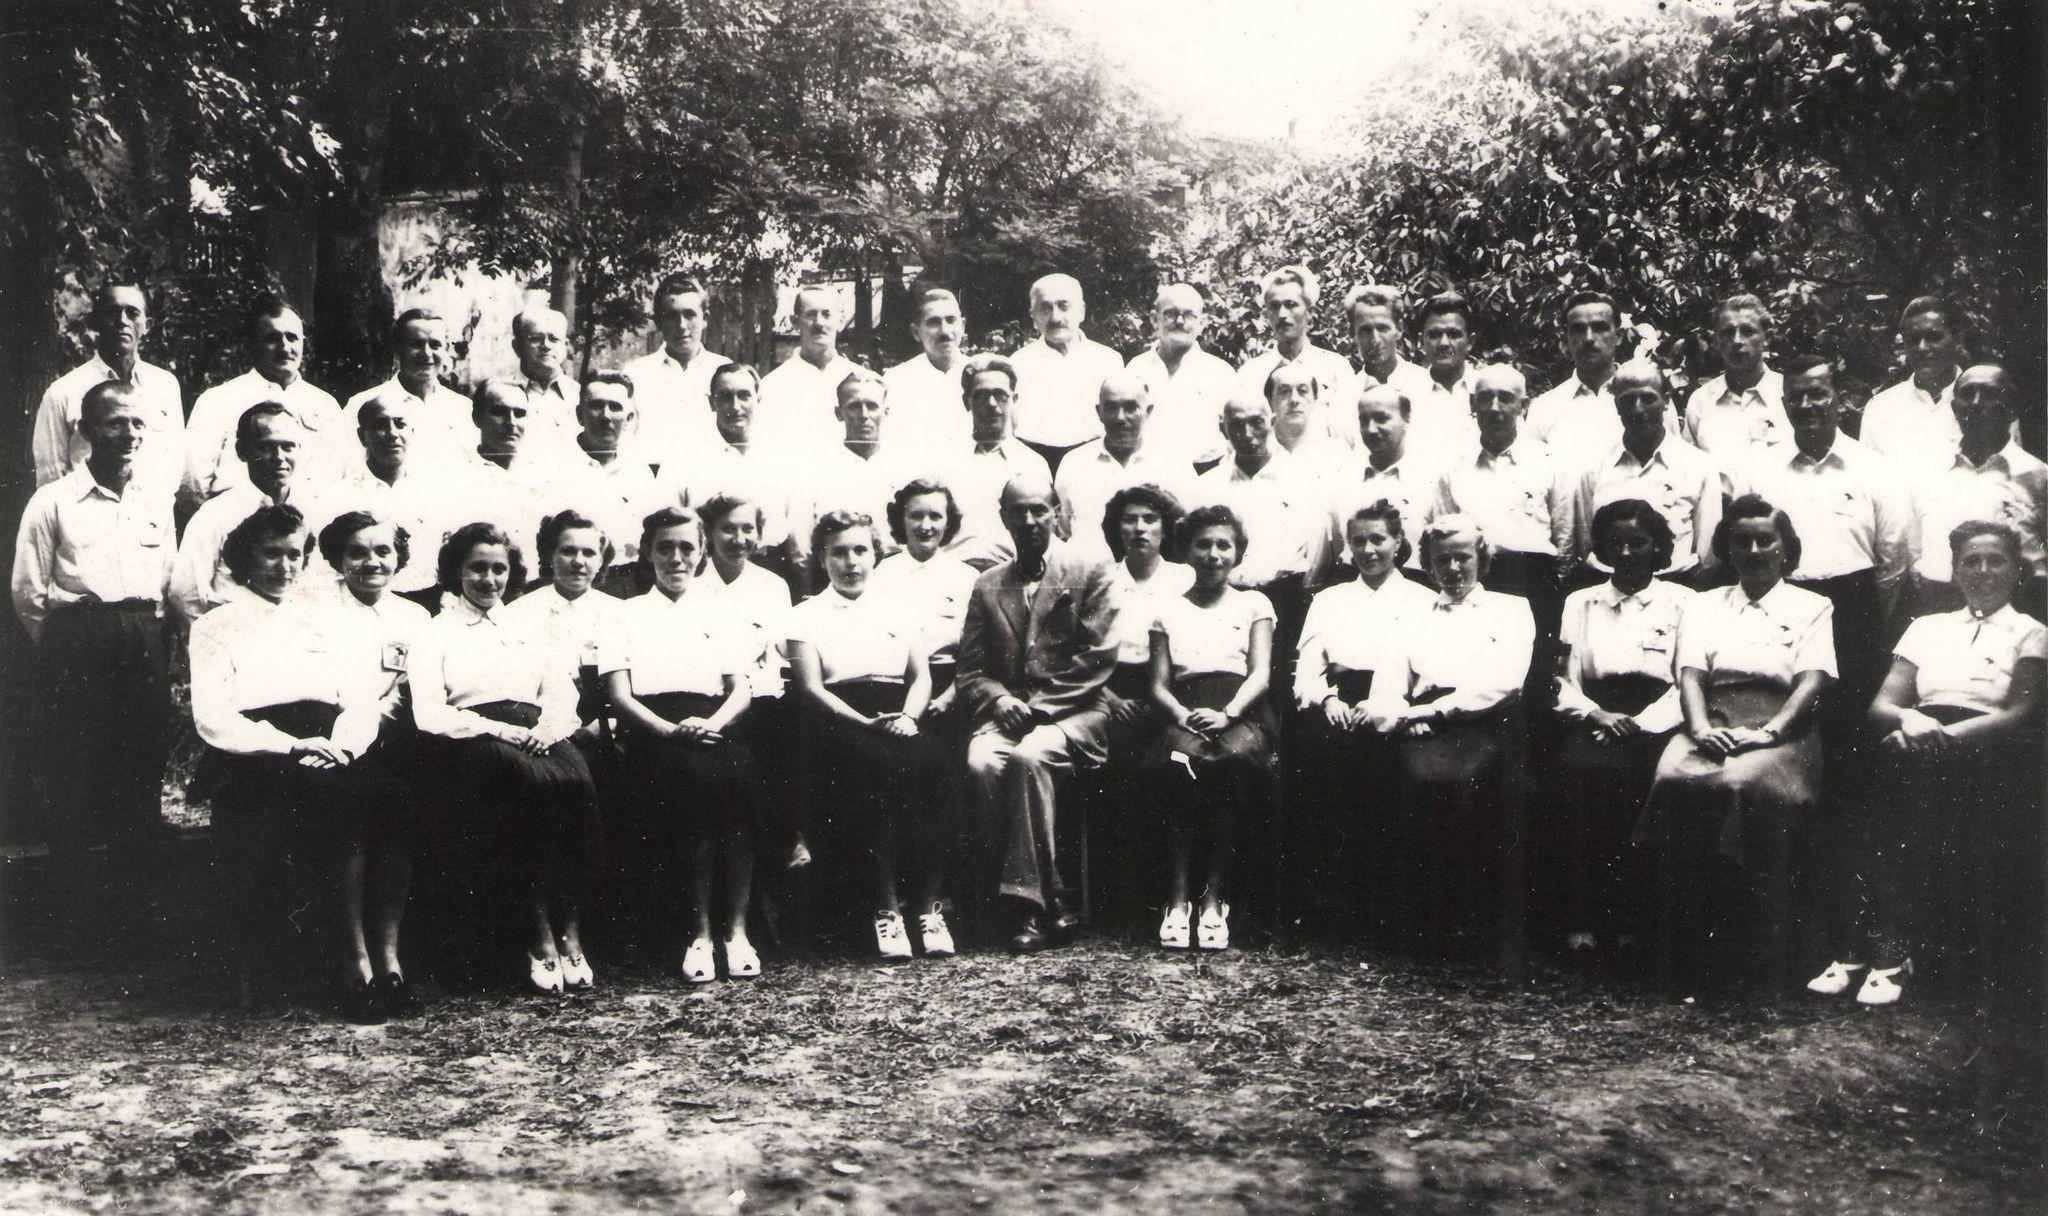 Az ötvenes évek elejétől – Schmidt Viktor vezényletével –énekelt a nagy múltú Egyetértés Munkásdalárda. (Fotó: S.L. archívuma)